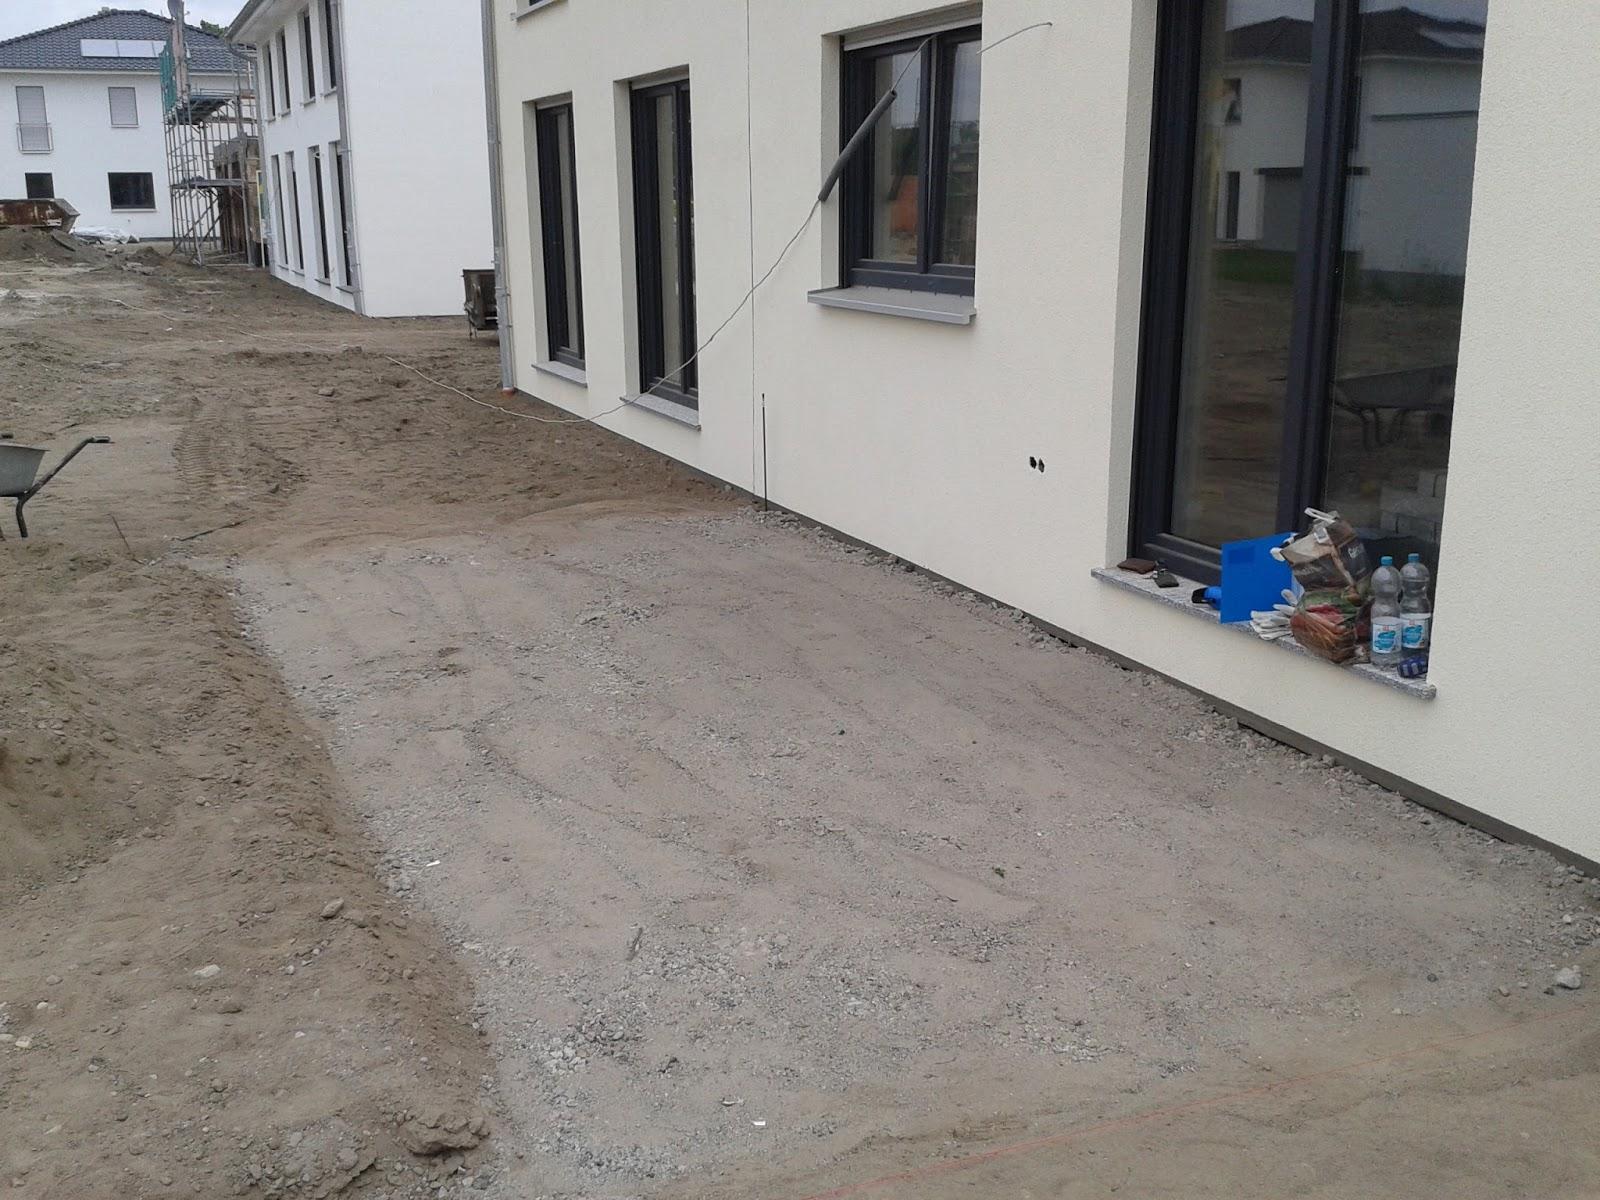 Bautagebuch: unsere eigenen vier Wände